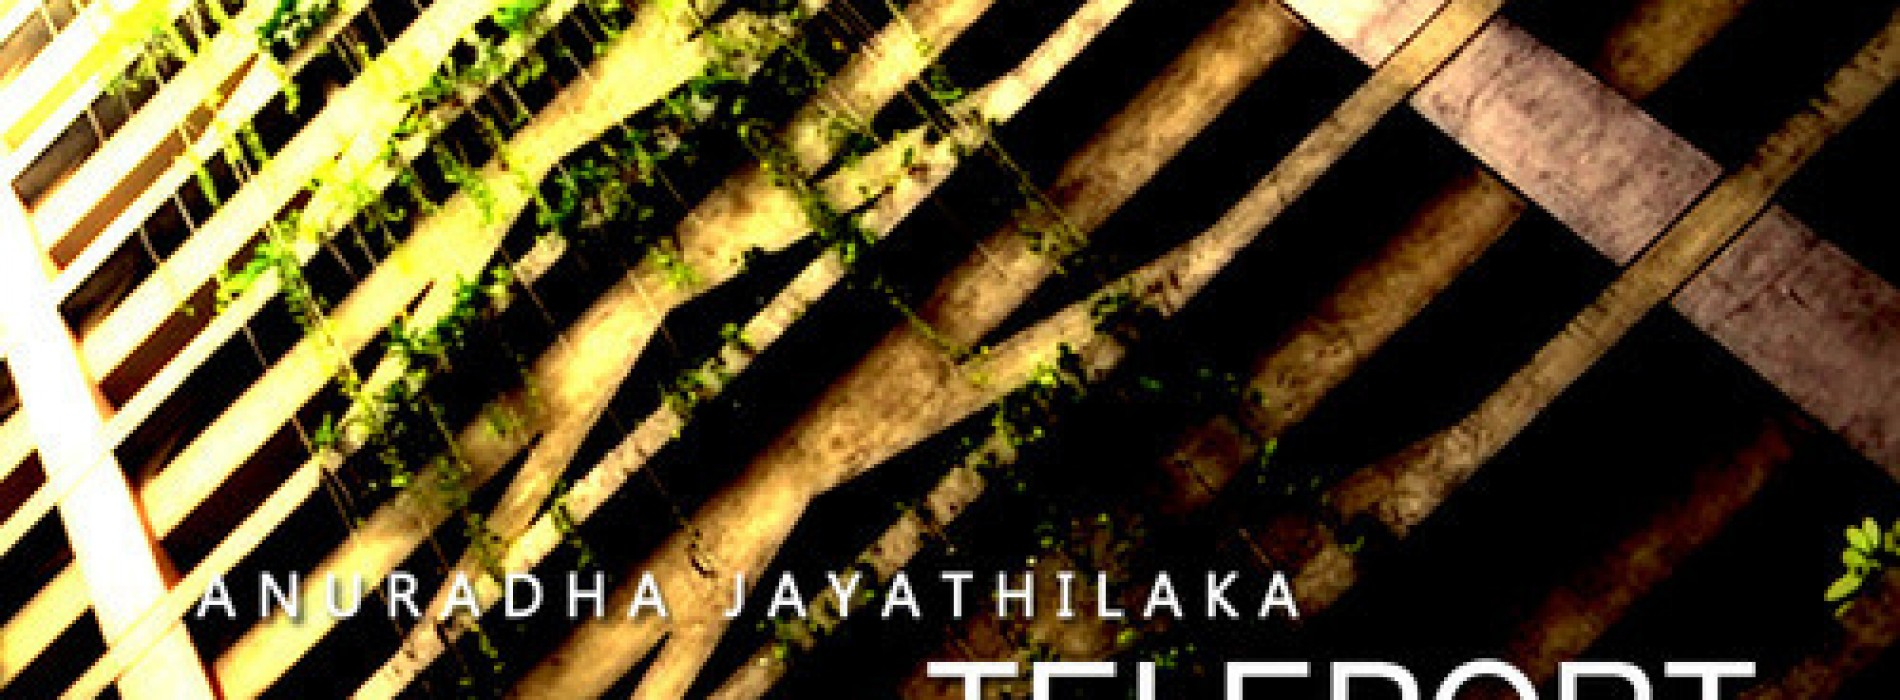 Anuradha Jayathilaka: Teleport